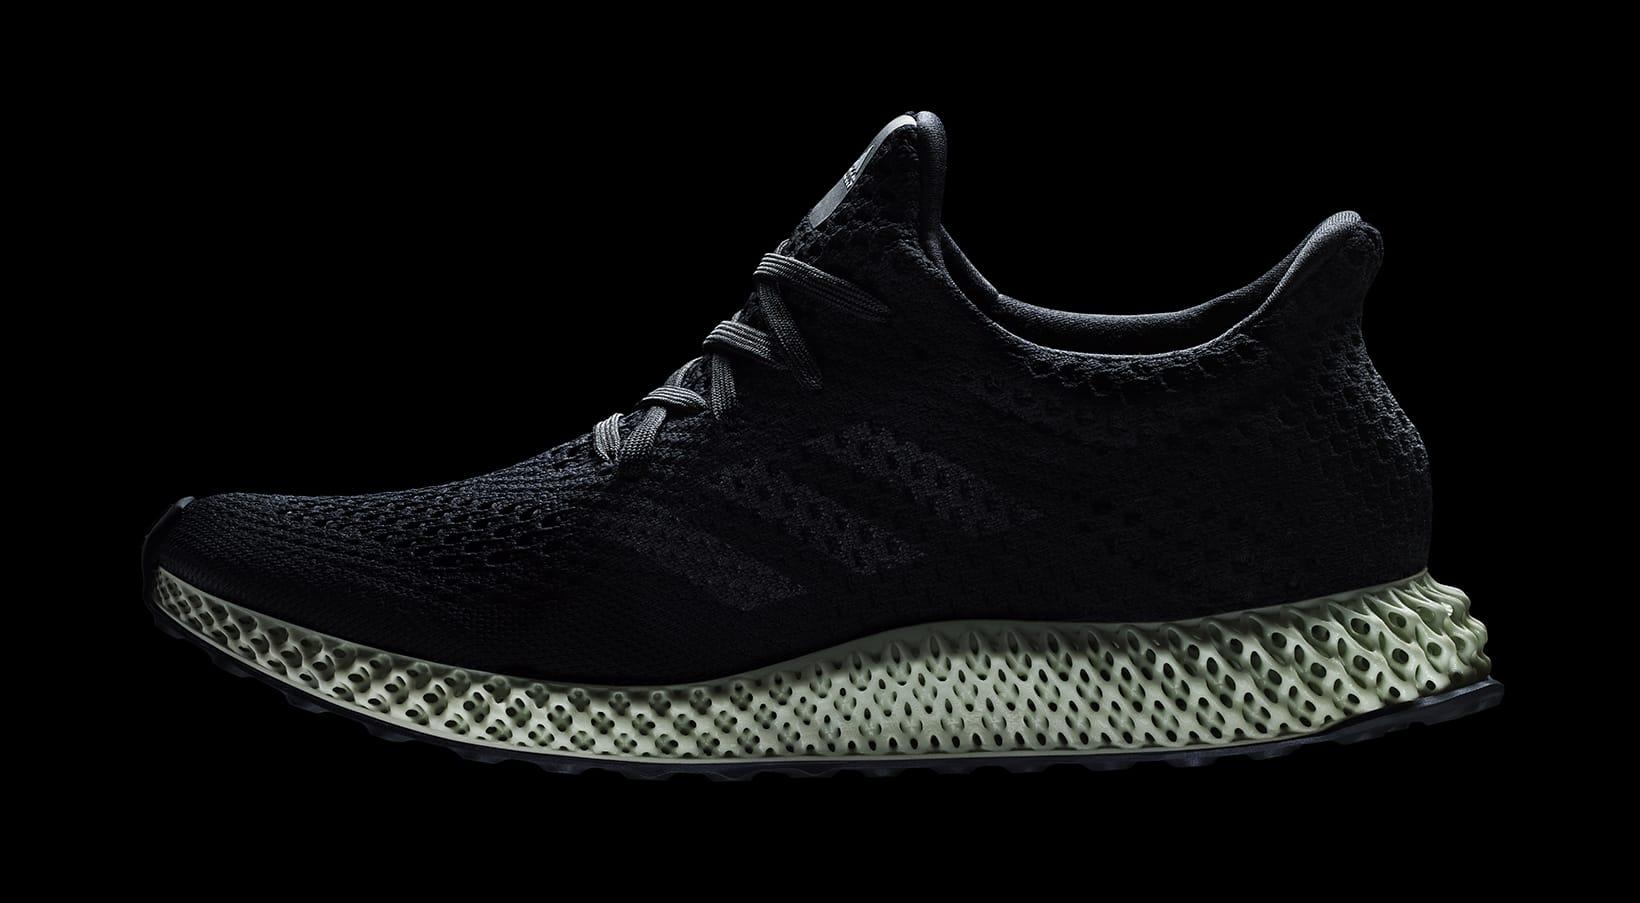 Adidas FutureCraft 4D Sneaker (7)